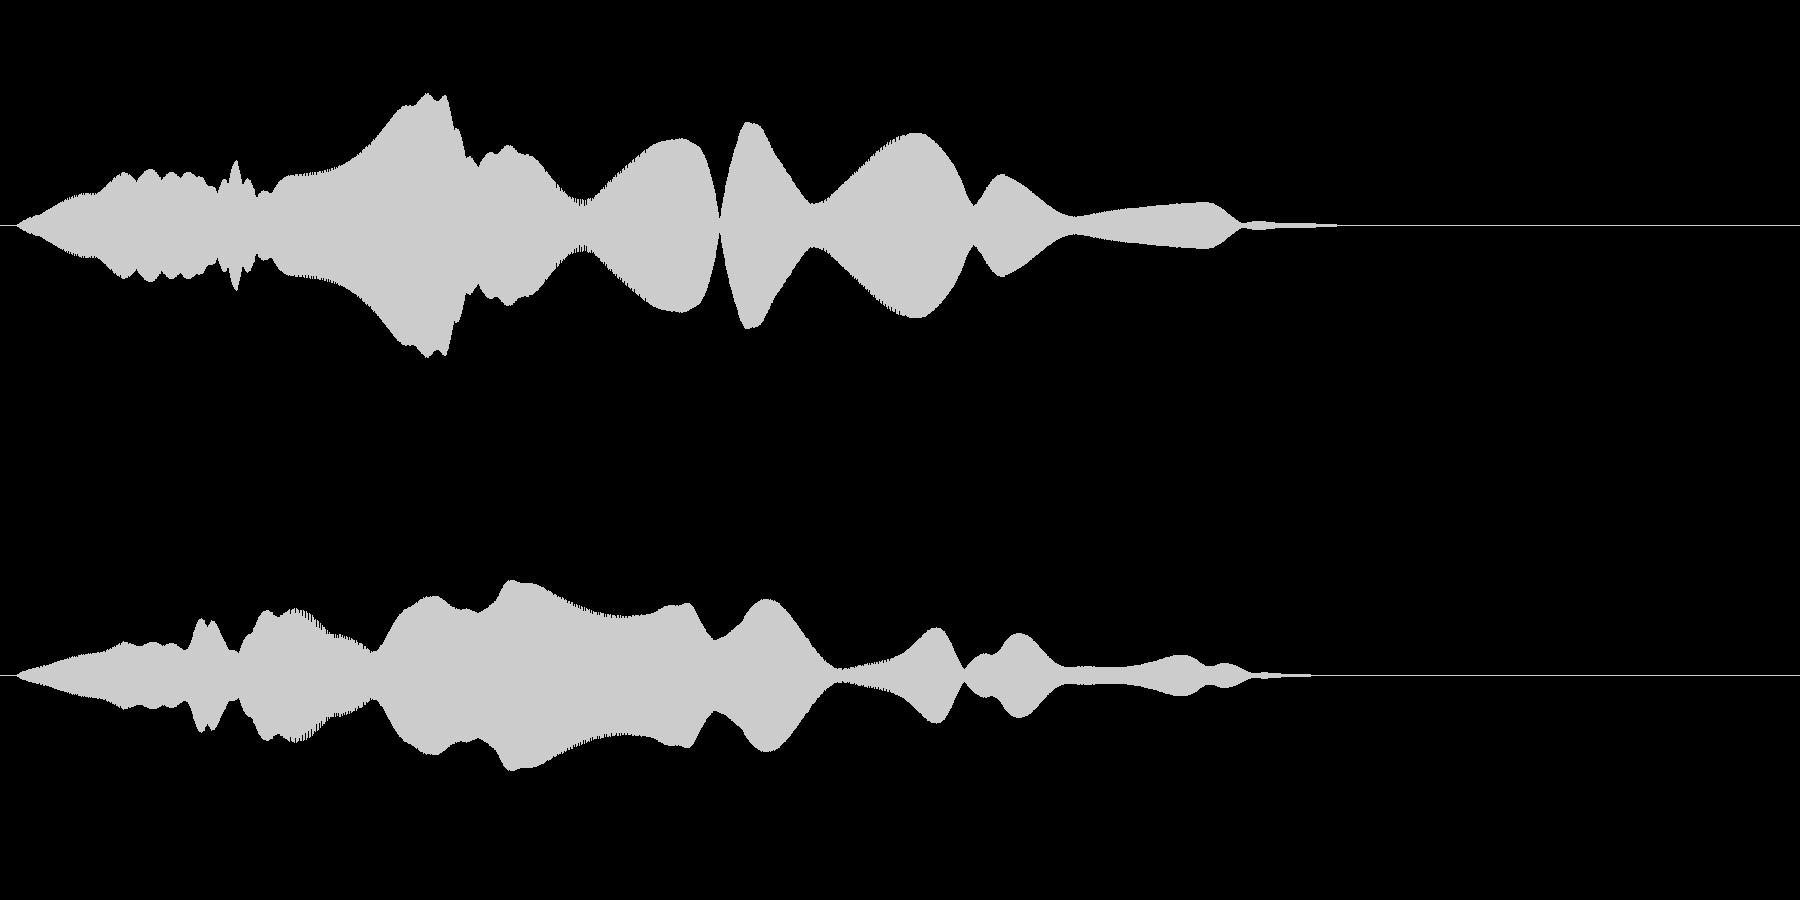 コミカルな飛行音(ふわふわ)の未再生の波形